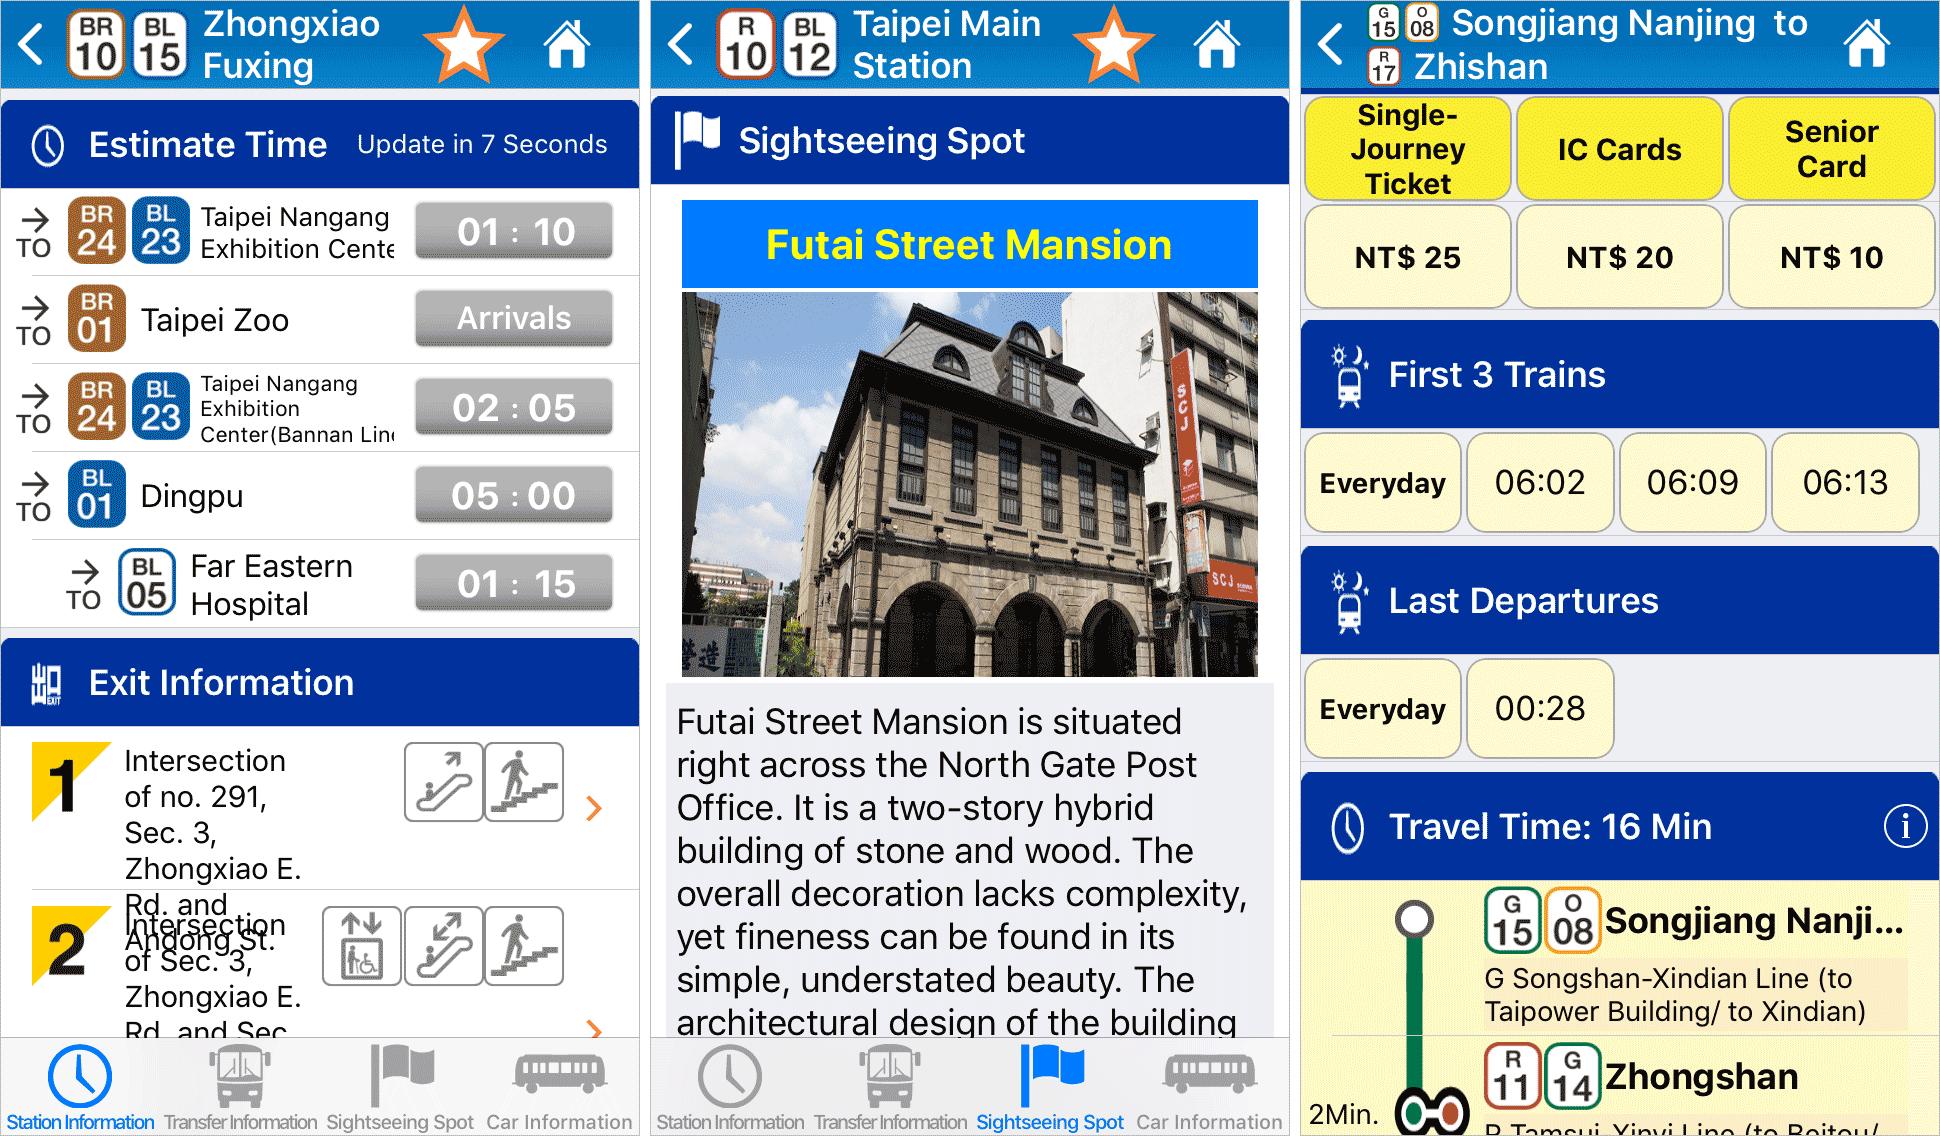 Популярное мобильное приложение Go! Taipei помогает найти нужную станцию, узнать до скольких она работает и сколько будет стоить поездка, когда придет ближайший поезд и на что посмотреть в этом районе